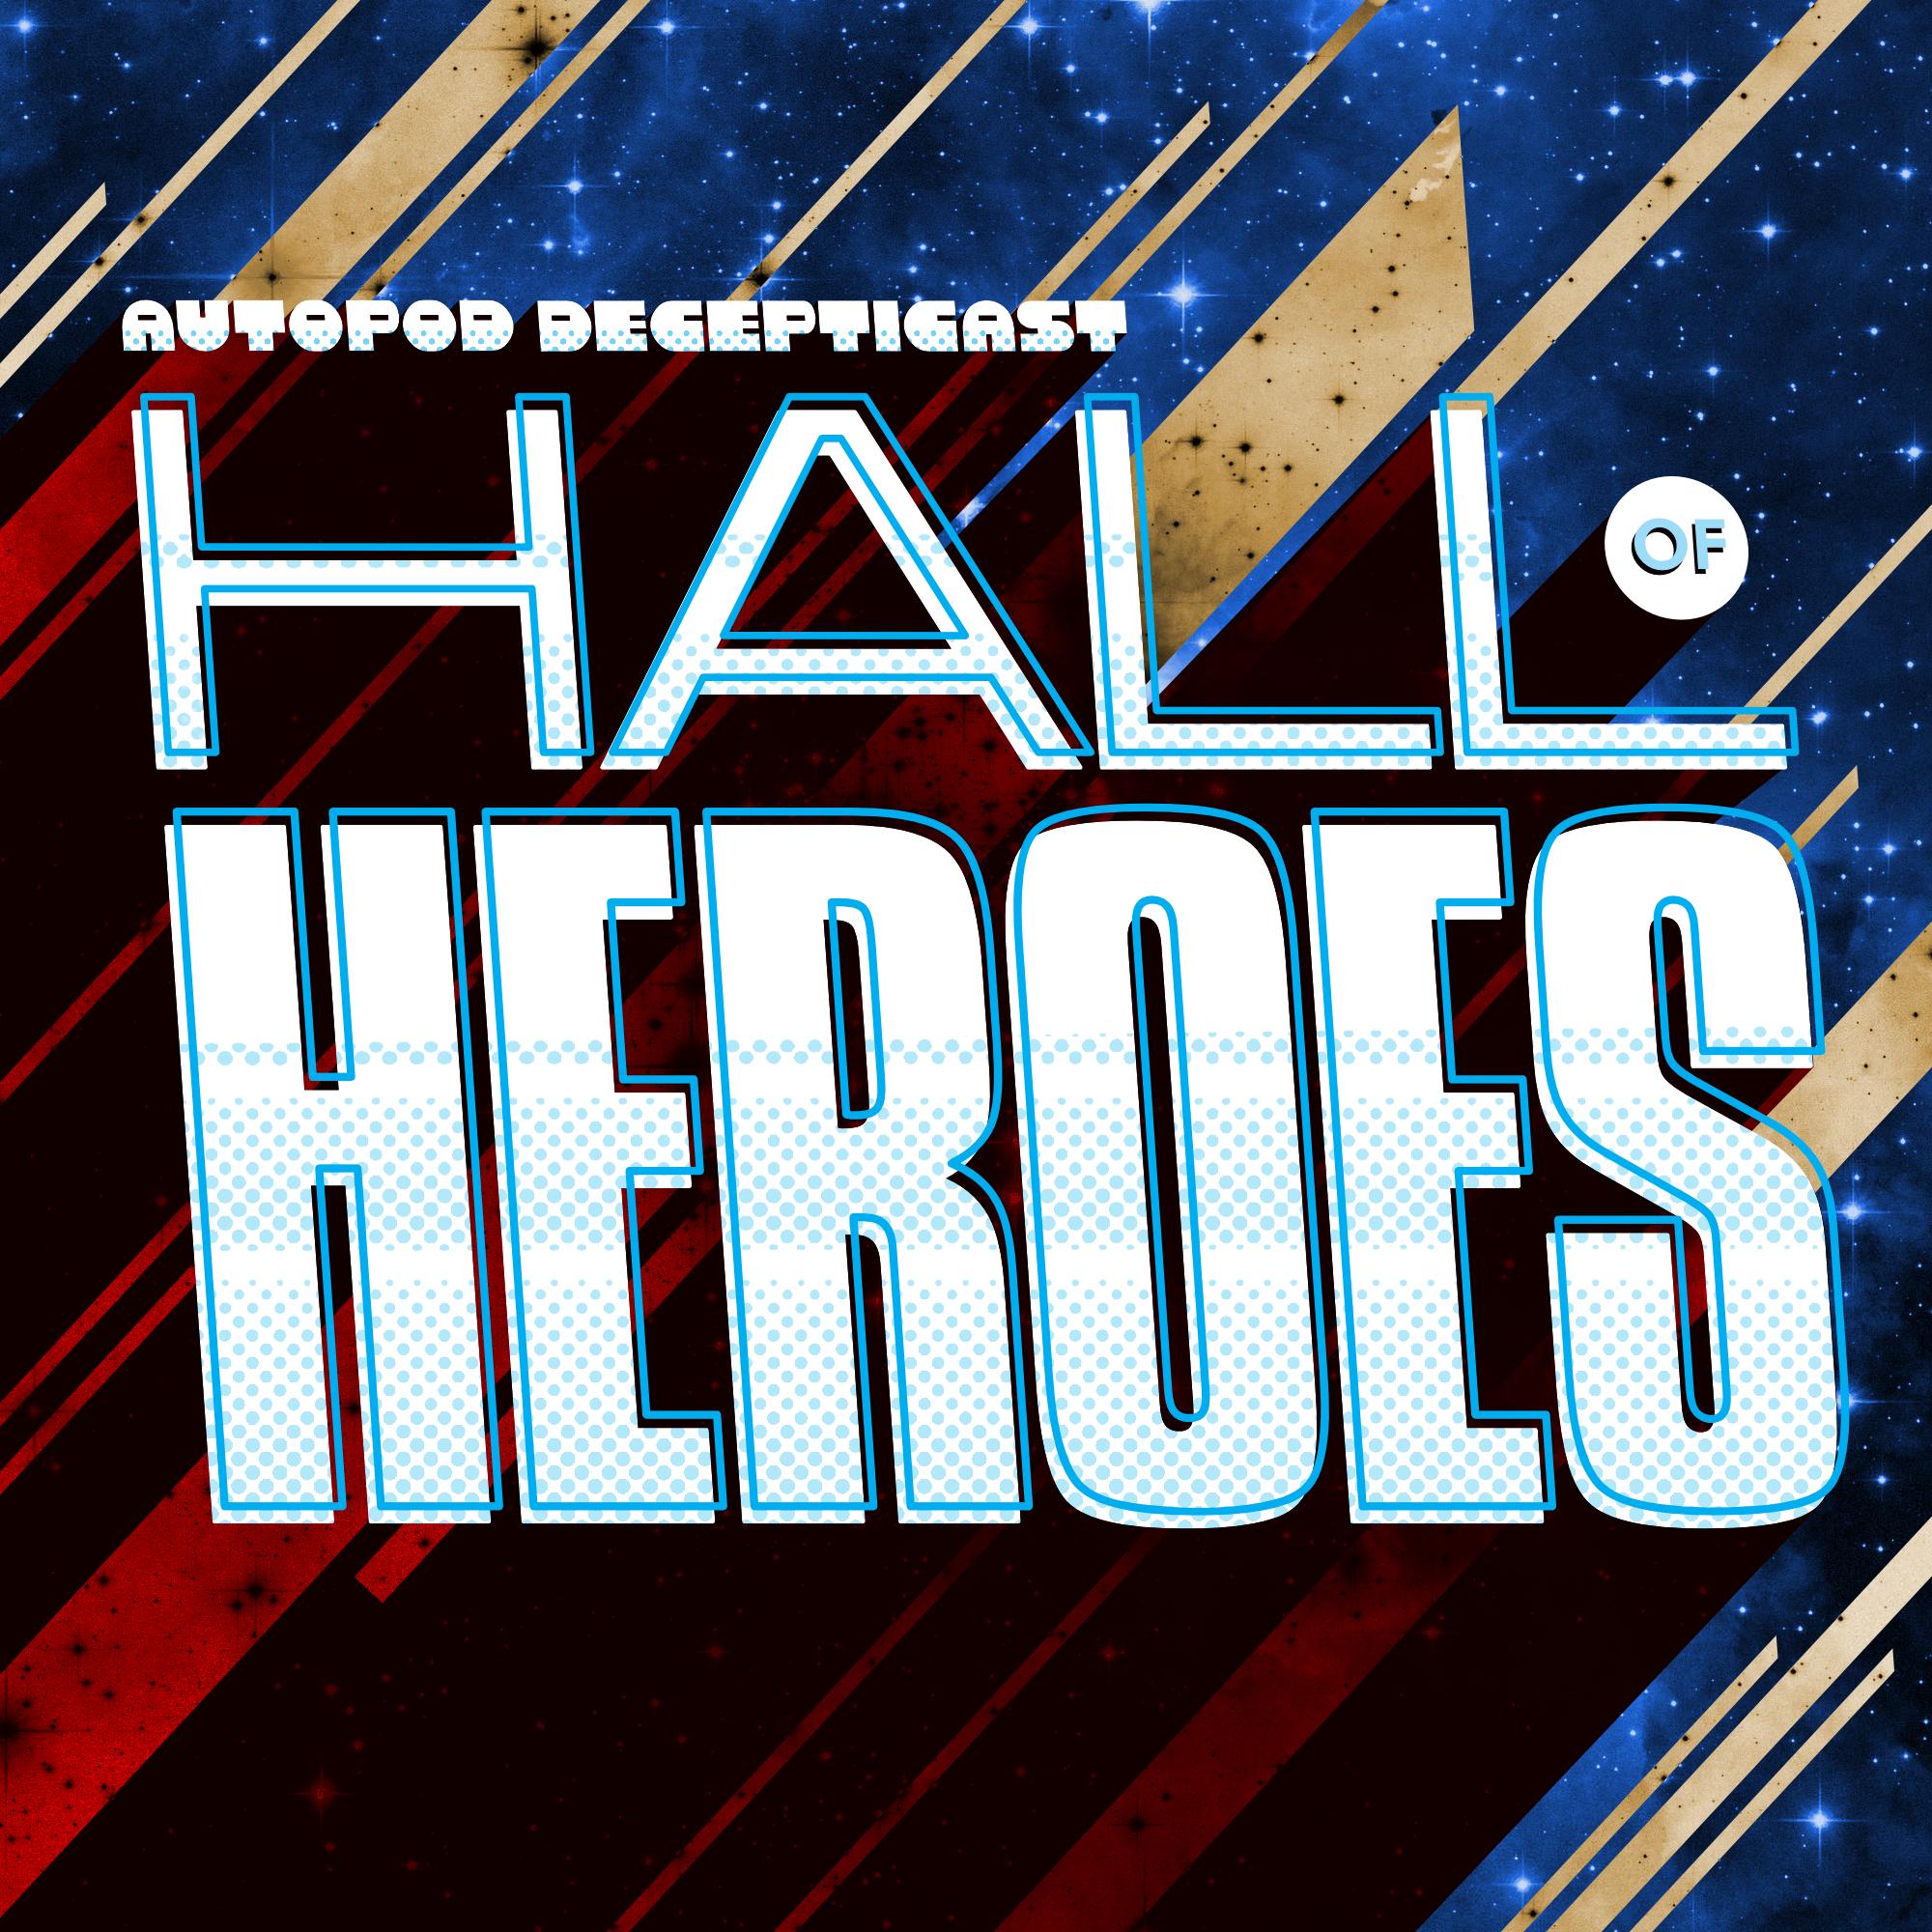 Hall of Heroes 2.jpg